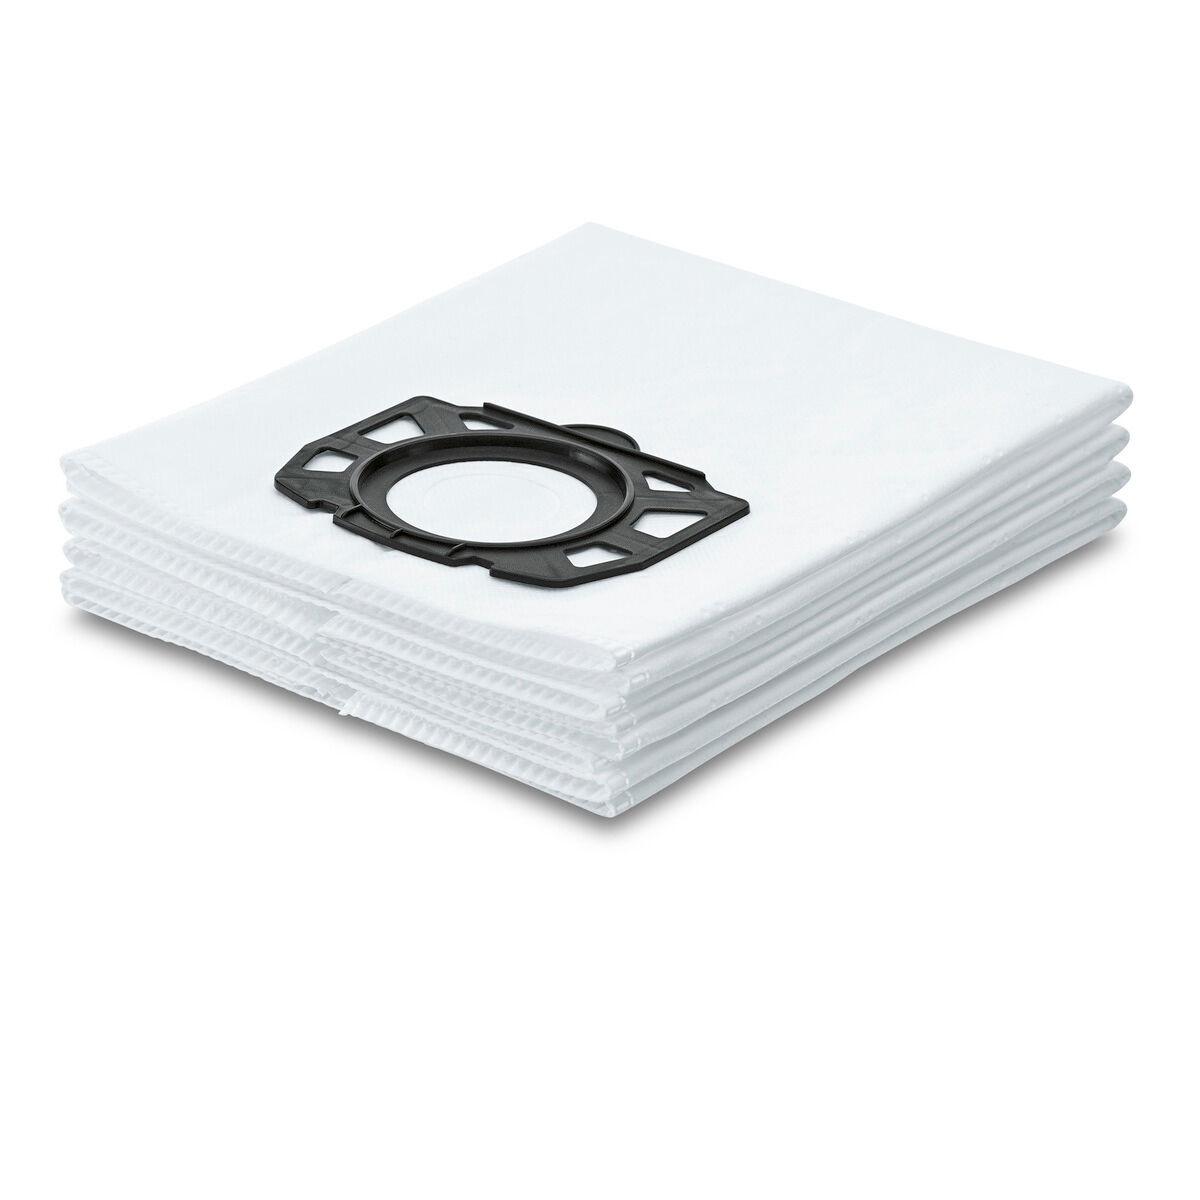 KARCHER Sachet filtre ouate WD4 à WD6 (4 pièces) - KARCHER - 28630060